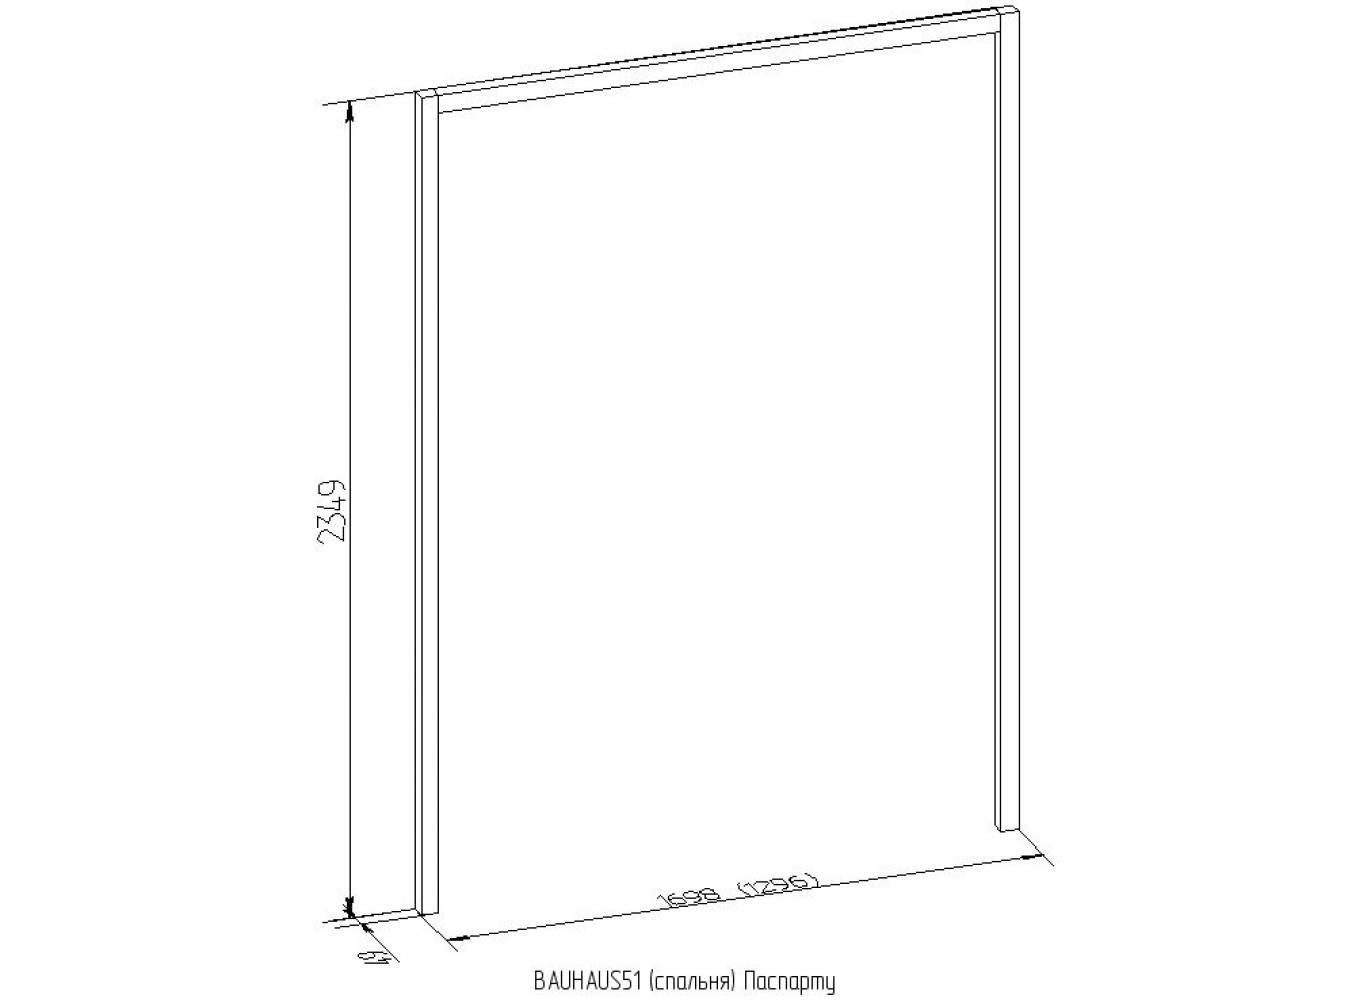 Bauhaus 9 Шкаф для одежды и белья с паспарту 51